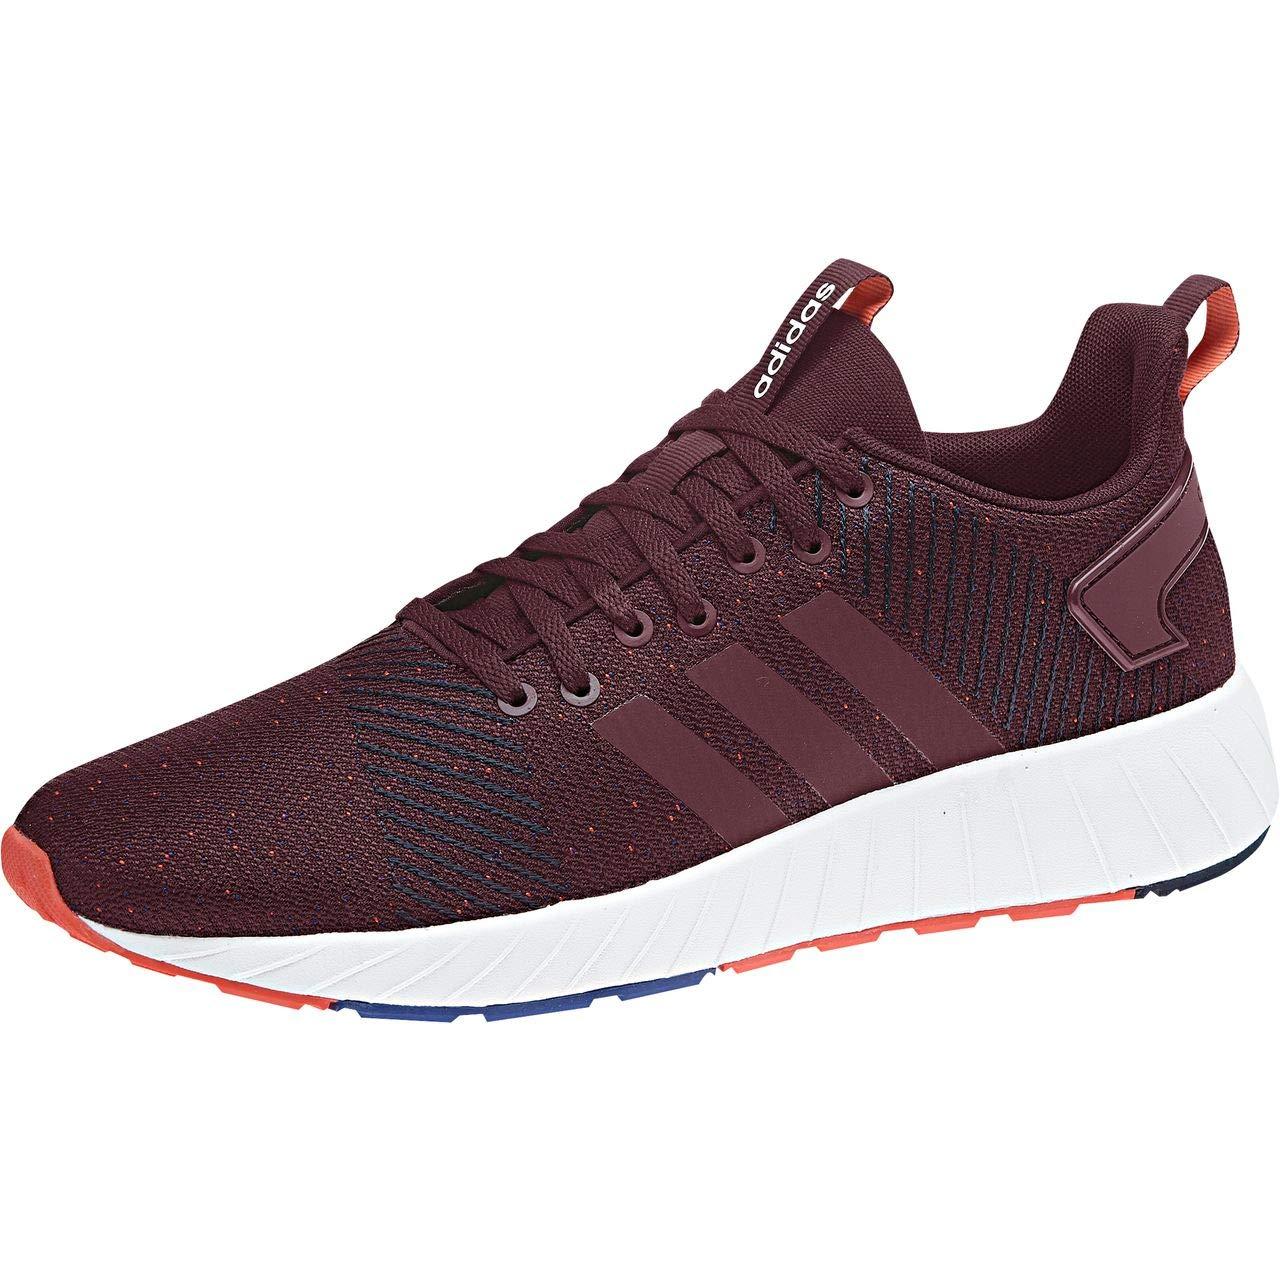 Adidas Adidas Adidas Herren Questar BYD Fitnessschuhe  892419